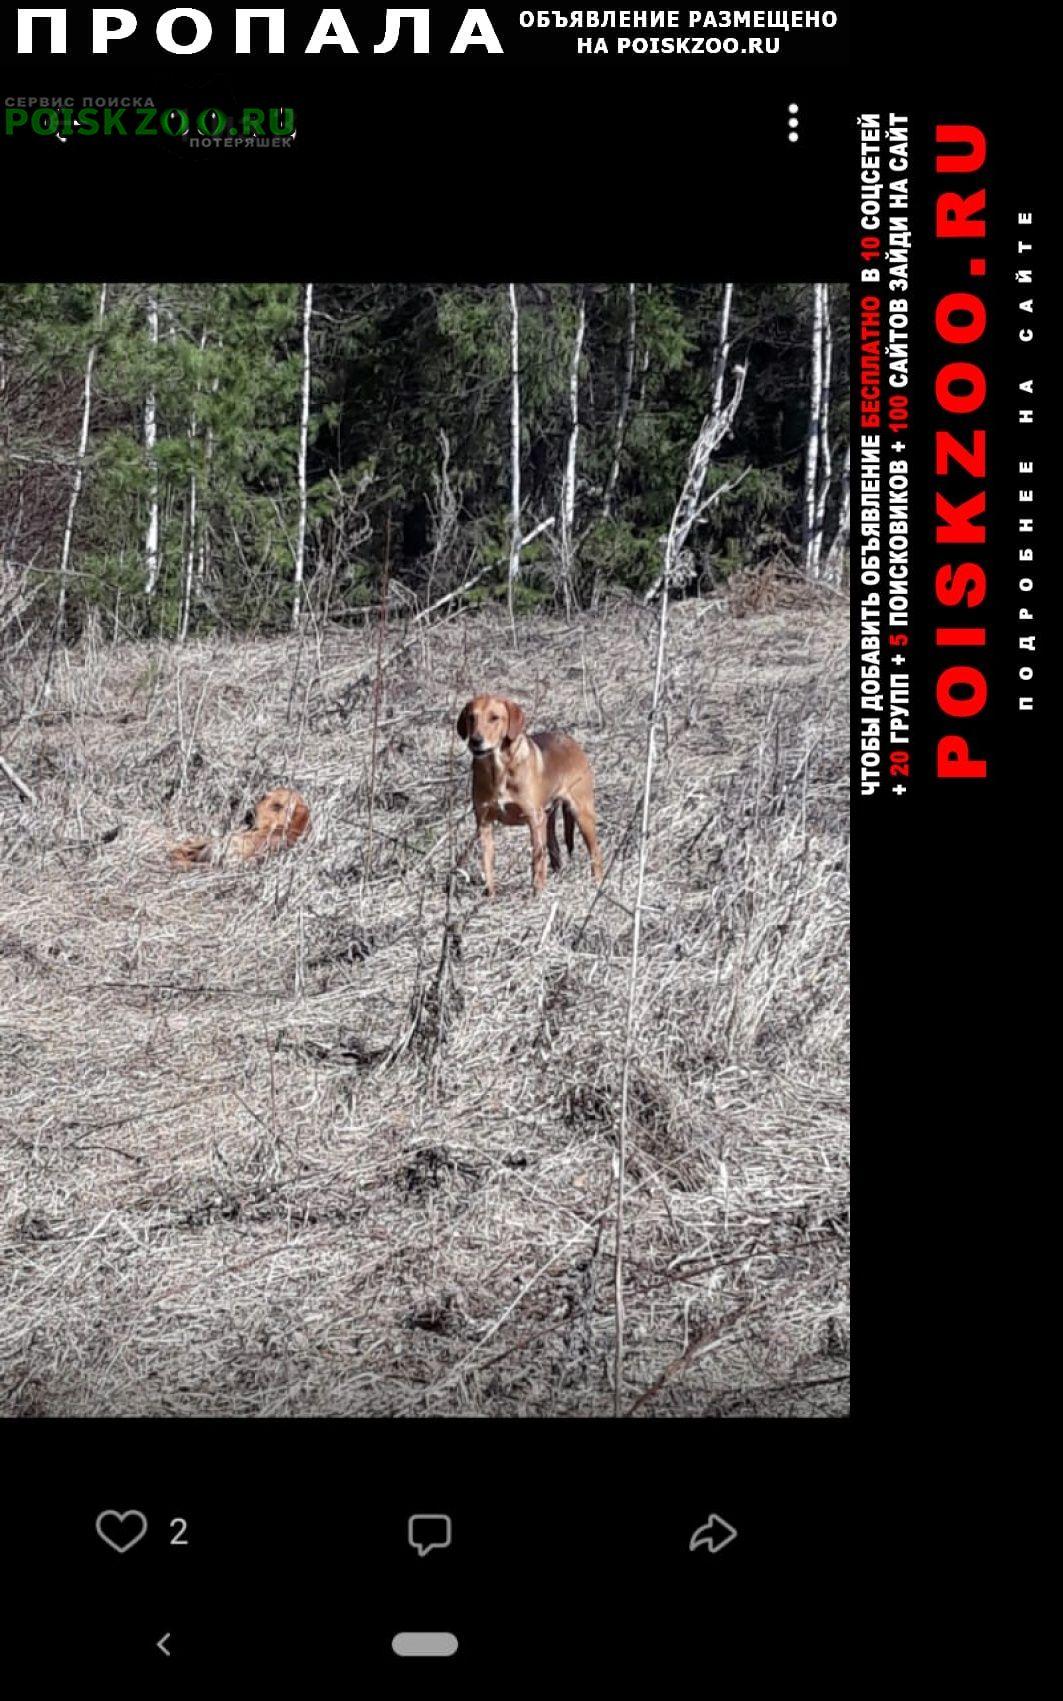 Пропала собака кобель выжлец русской пегой 1, 5 года. Йошкар-Ола